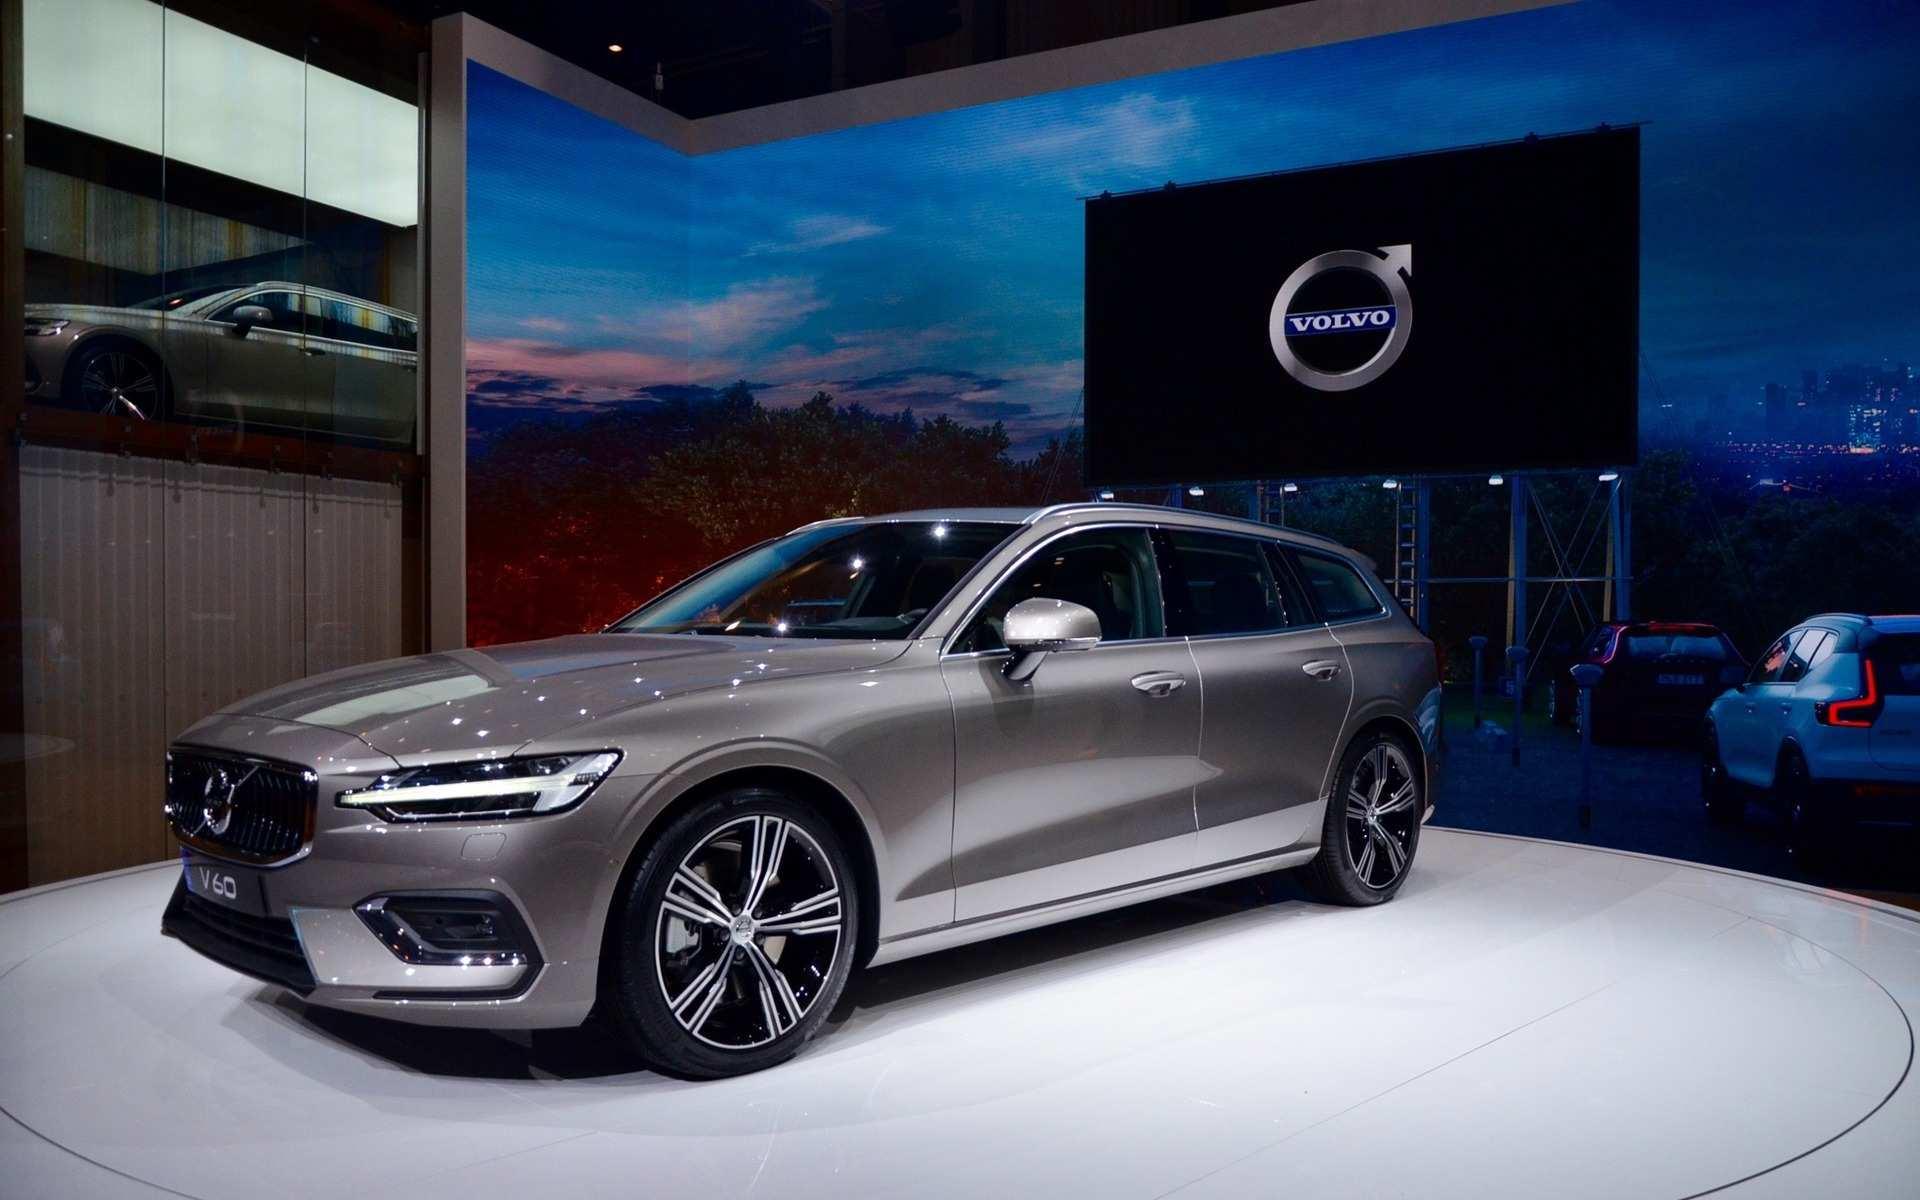 75 New 2019 Volvo Inscription Reviews with 2019 Volvo Inscription